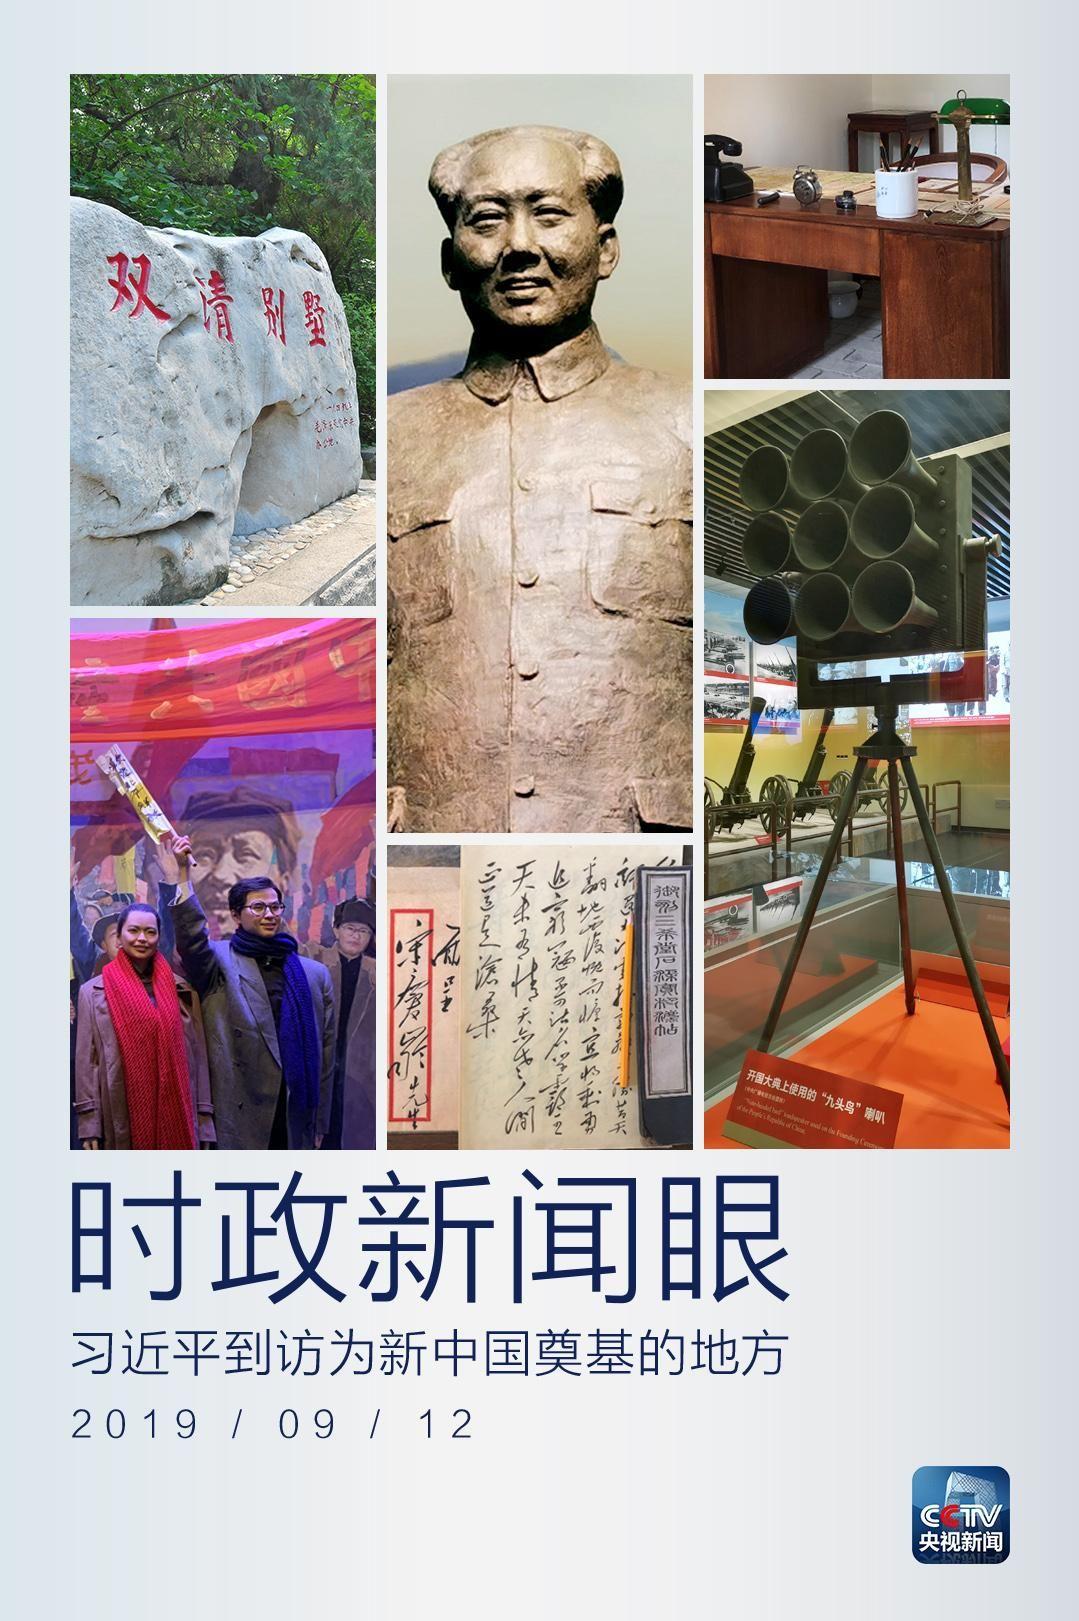 """""""时政新闻眼丨庆祝新中国成立70周年前夕,习近平为何视察这个地方?"""